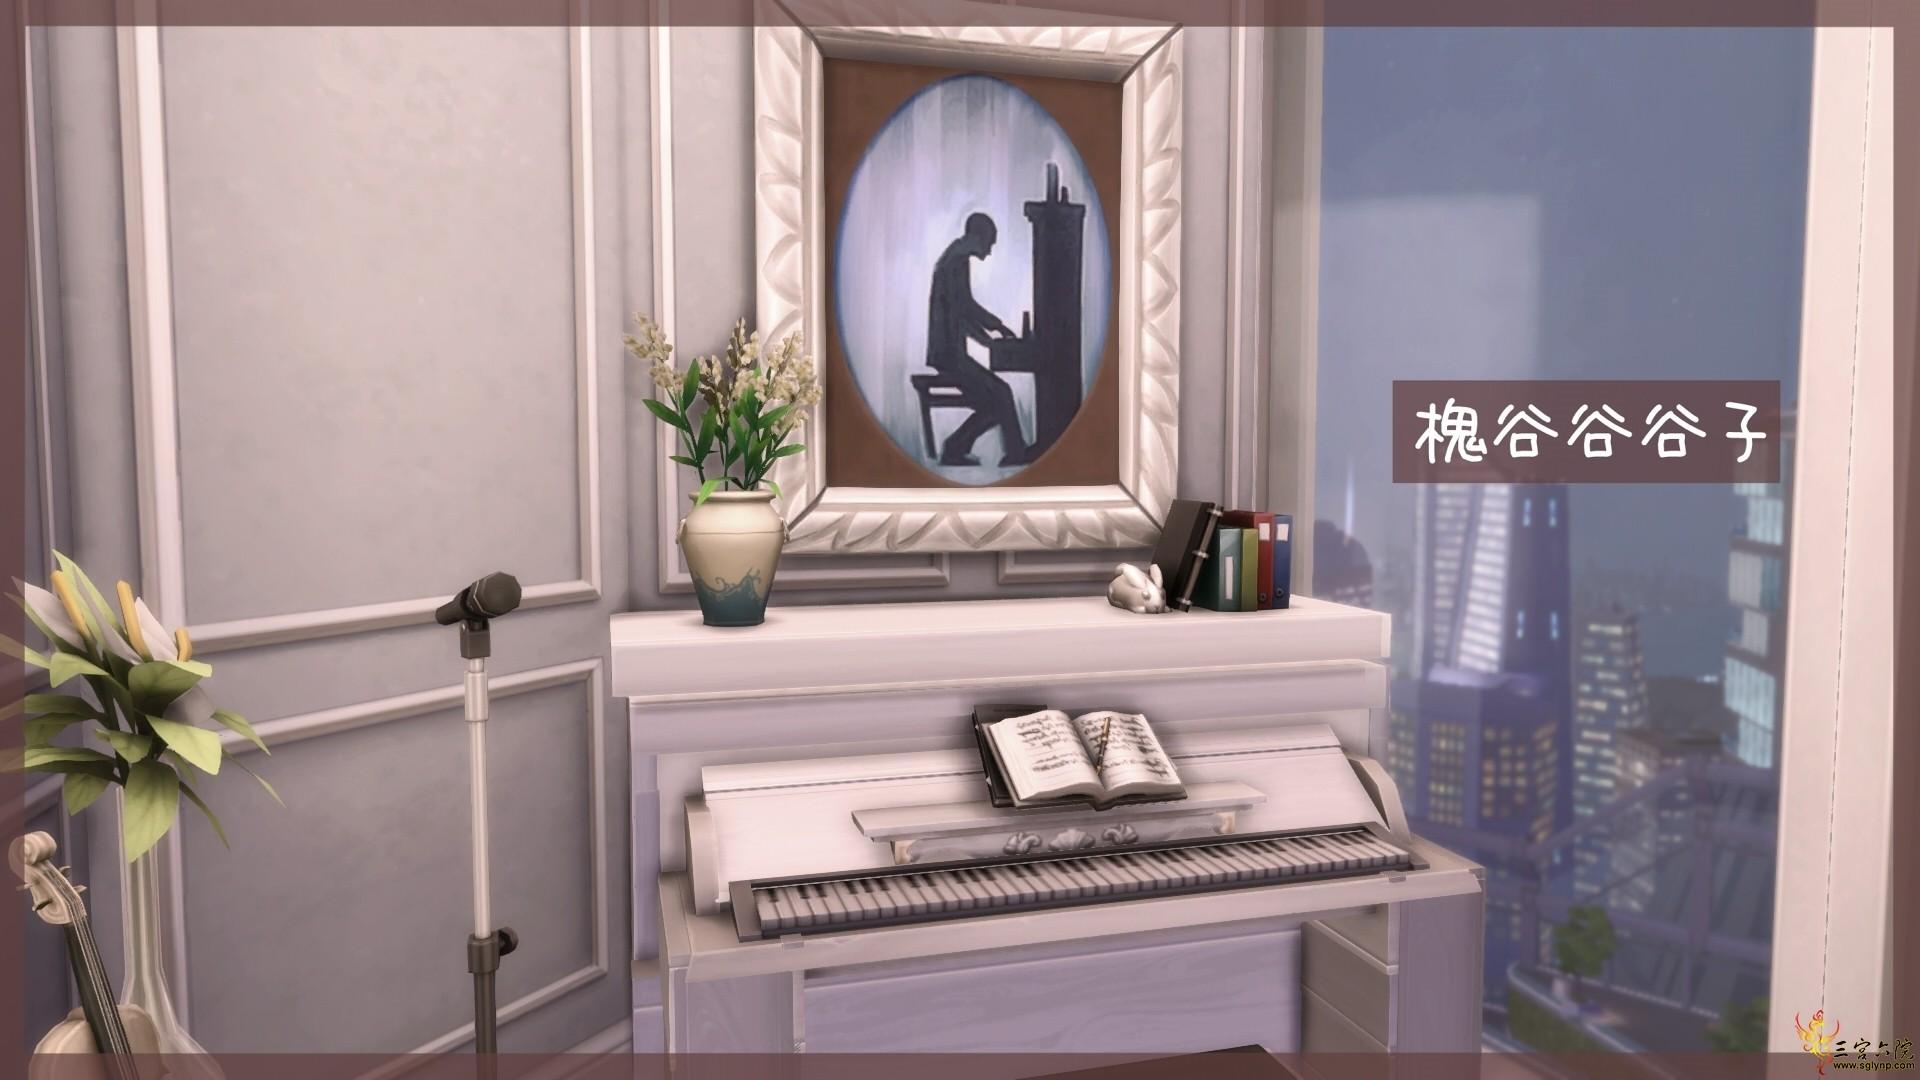 尖顶公寓4.jpg